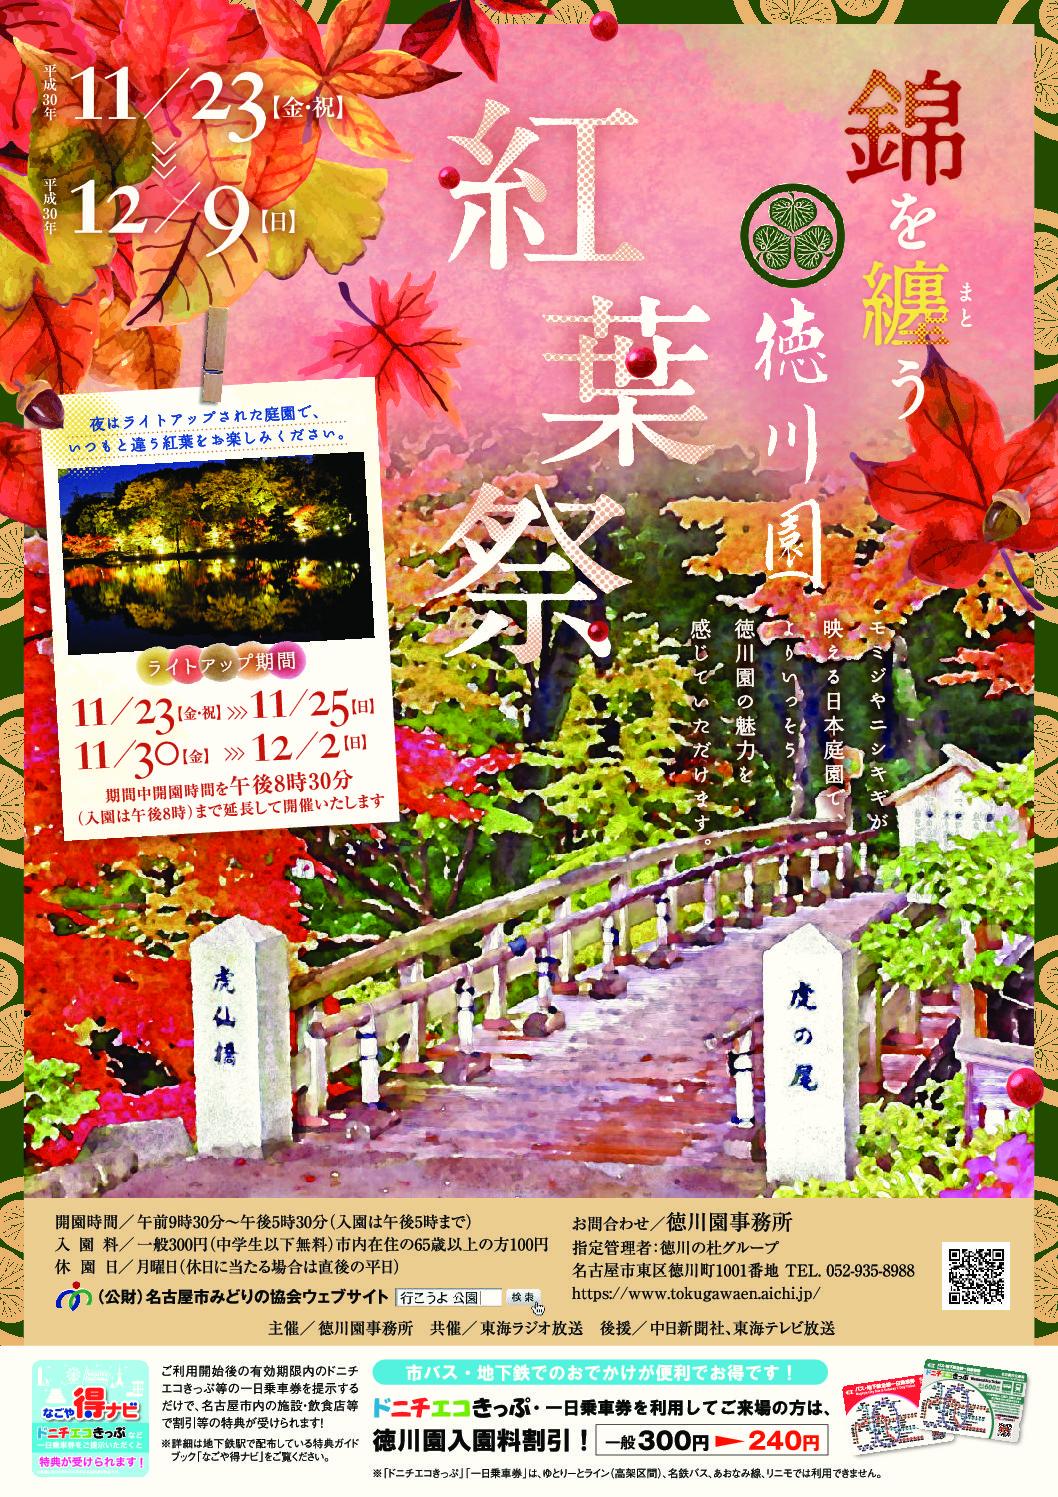 錦を纏う 徳川園紅葉祭